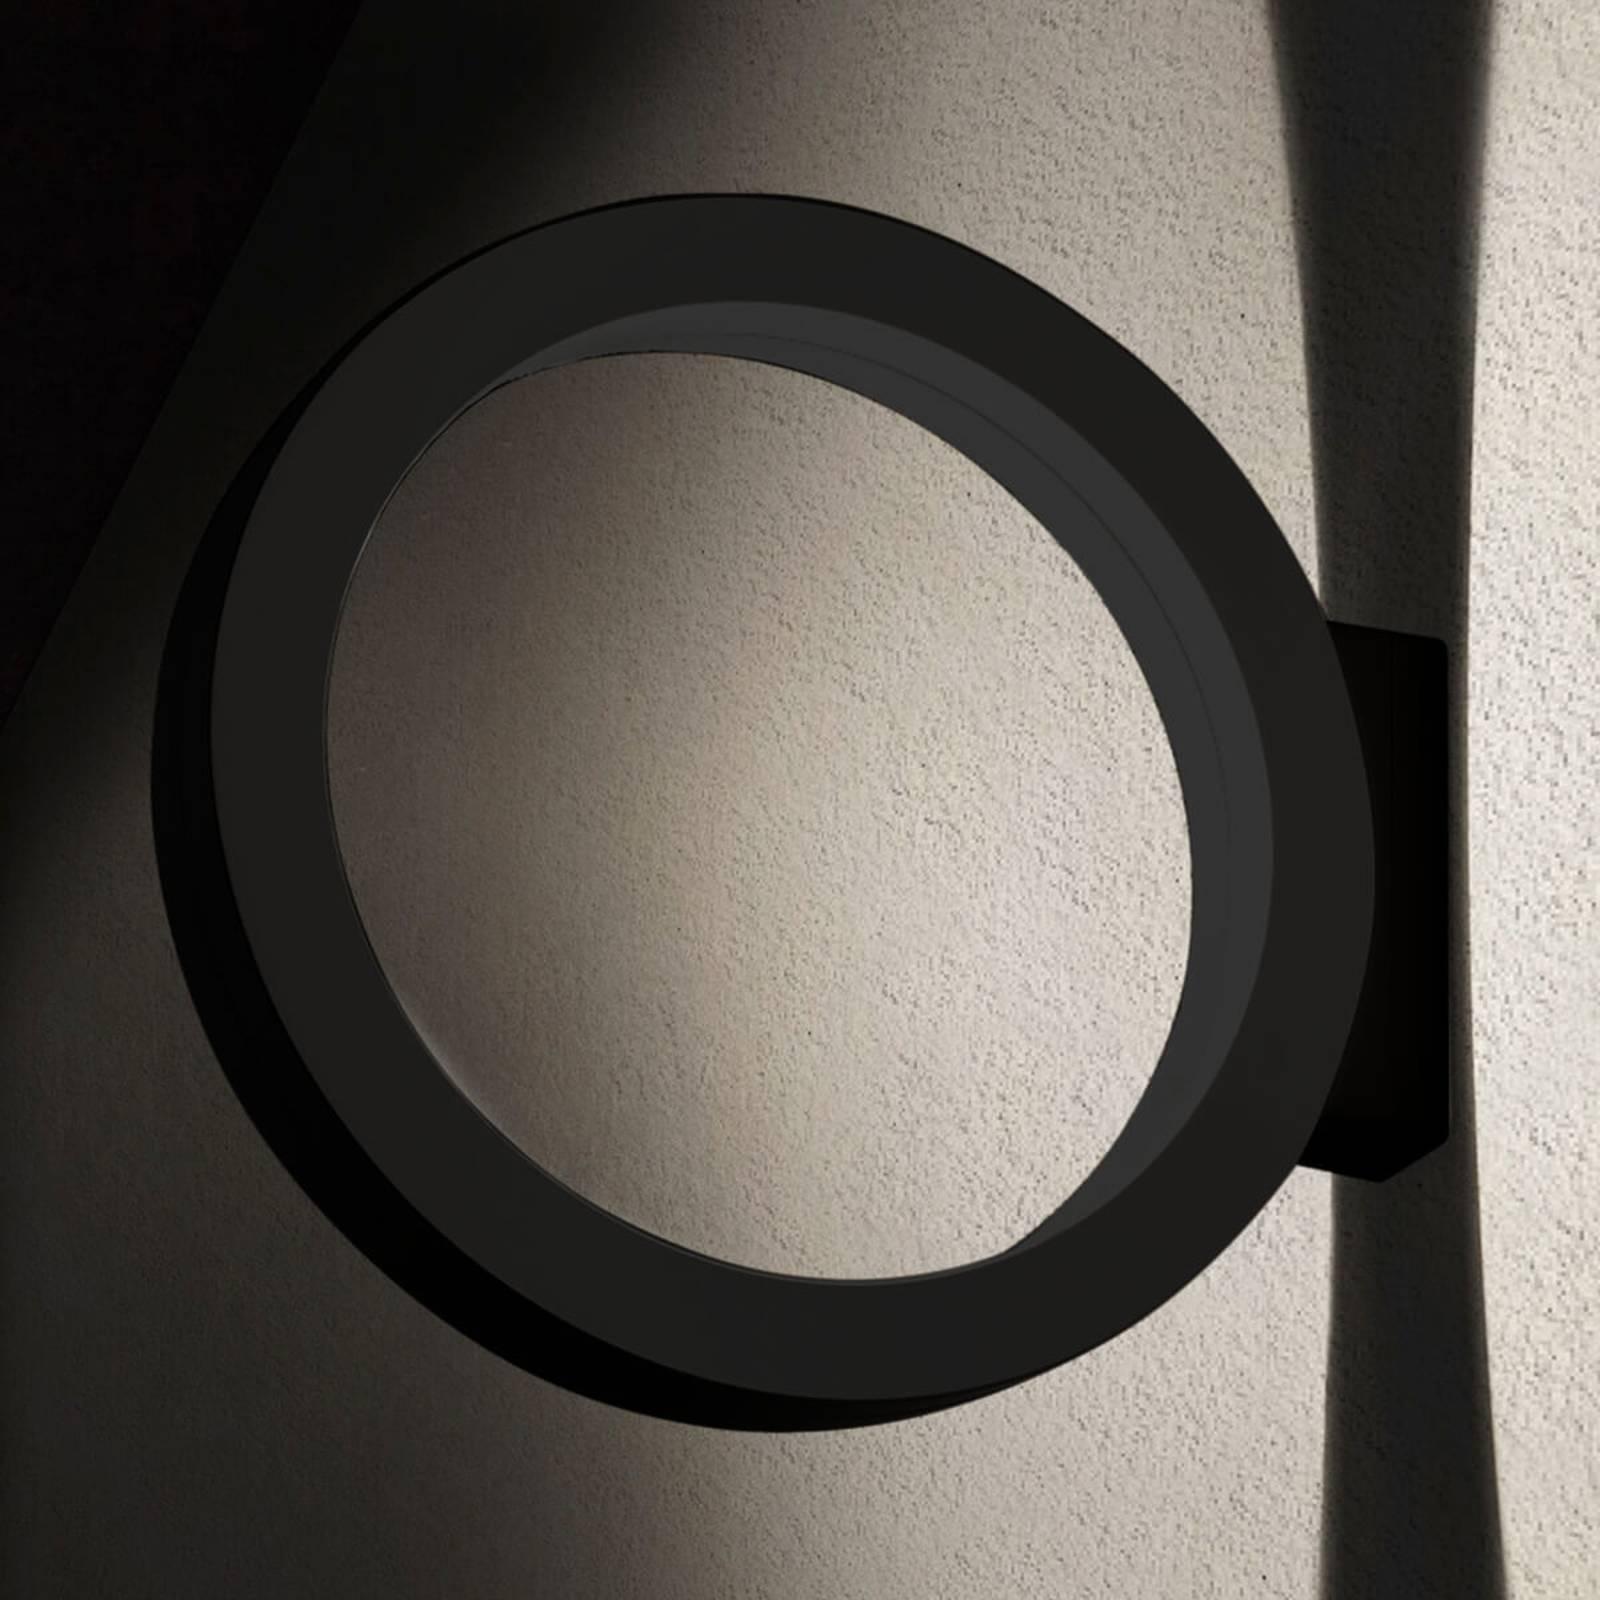 Cini&Nils Assolo LED-ulkoseinävalo, antrasiitti